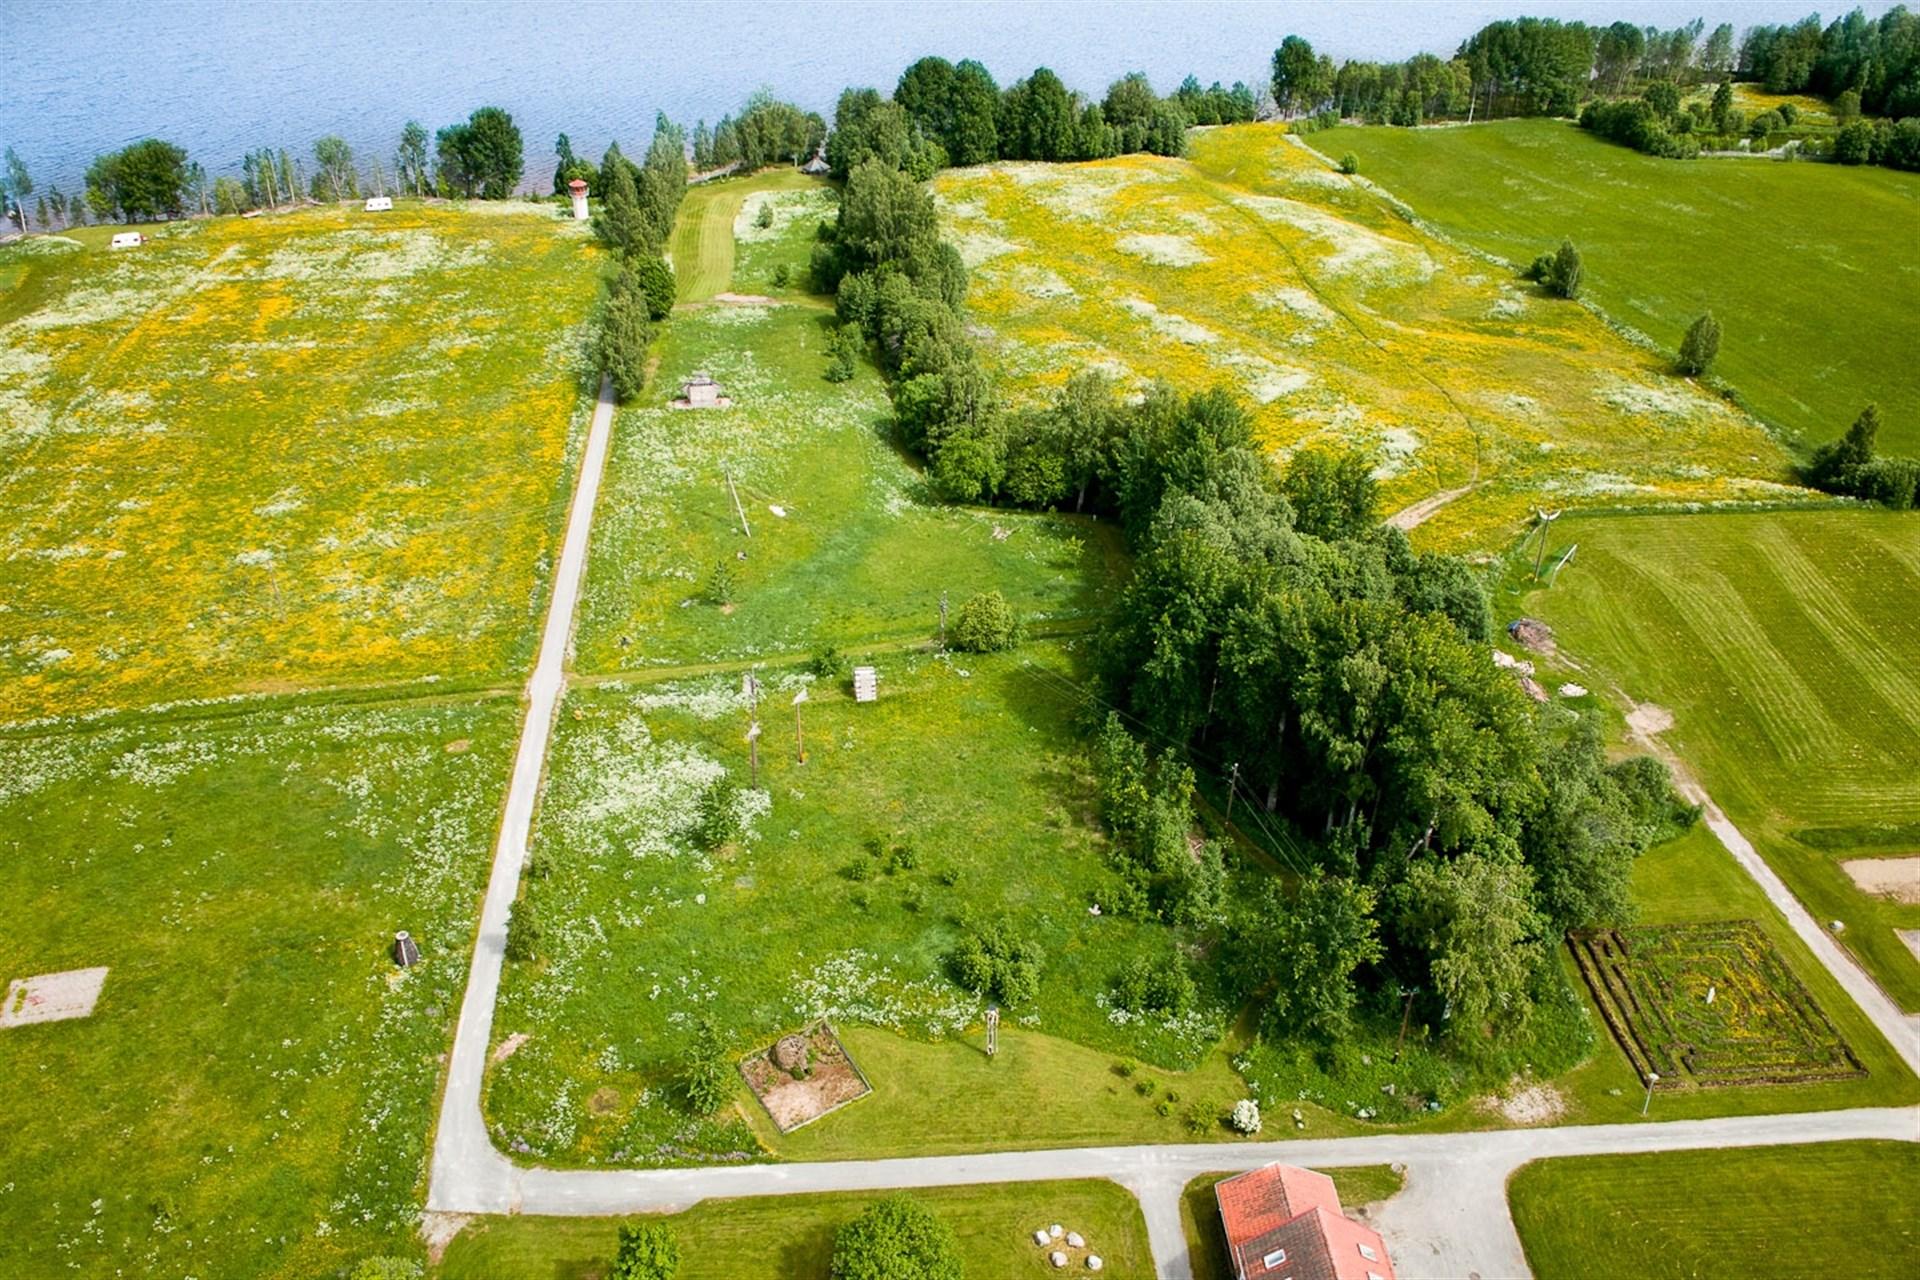 Bild innan byggnation, idag finns 3 bebyggda fastigheter på marken.